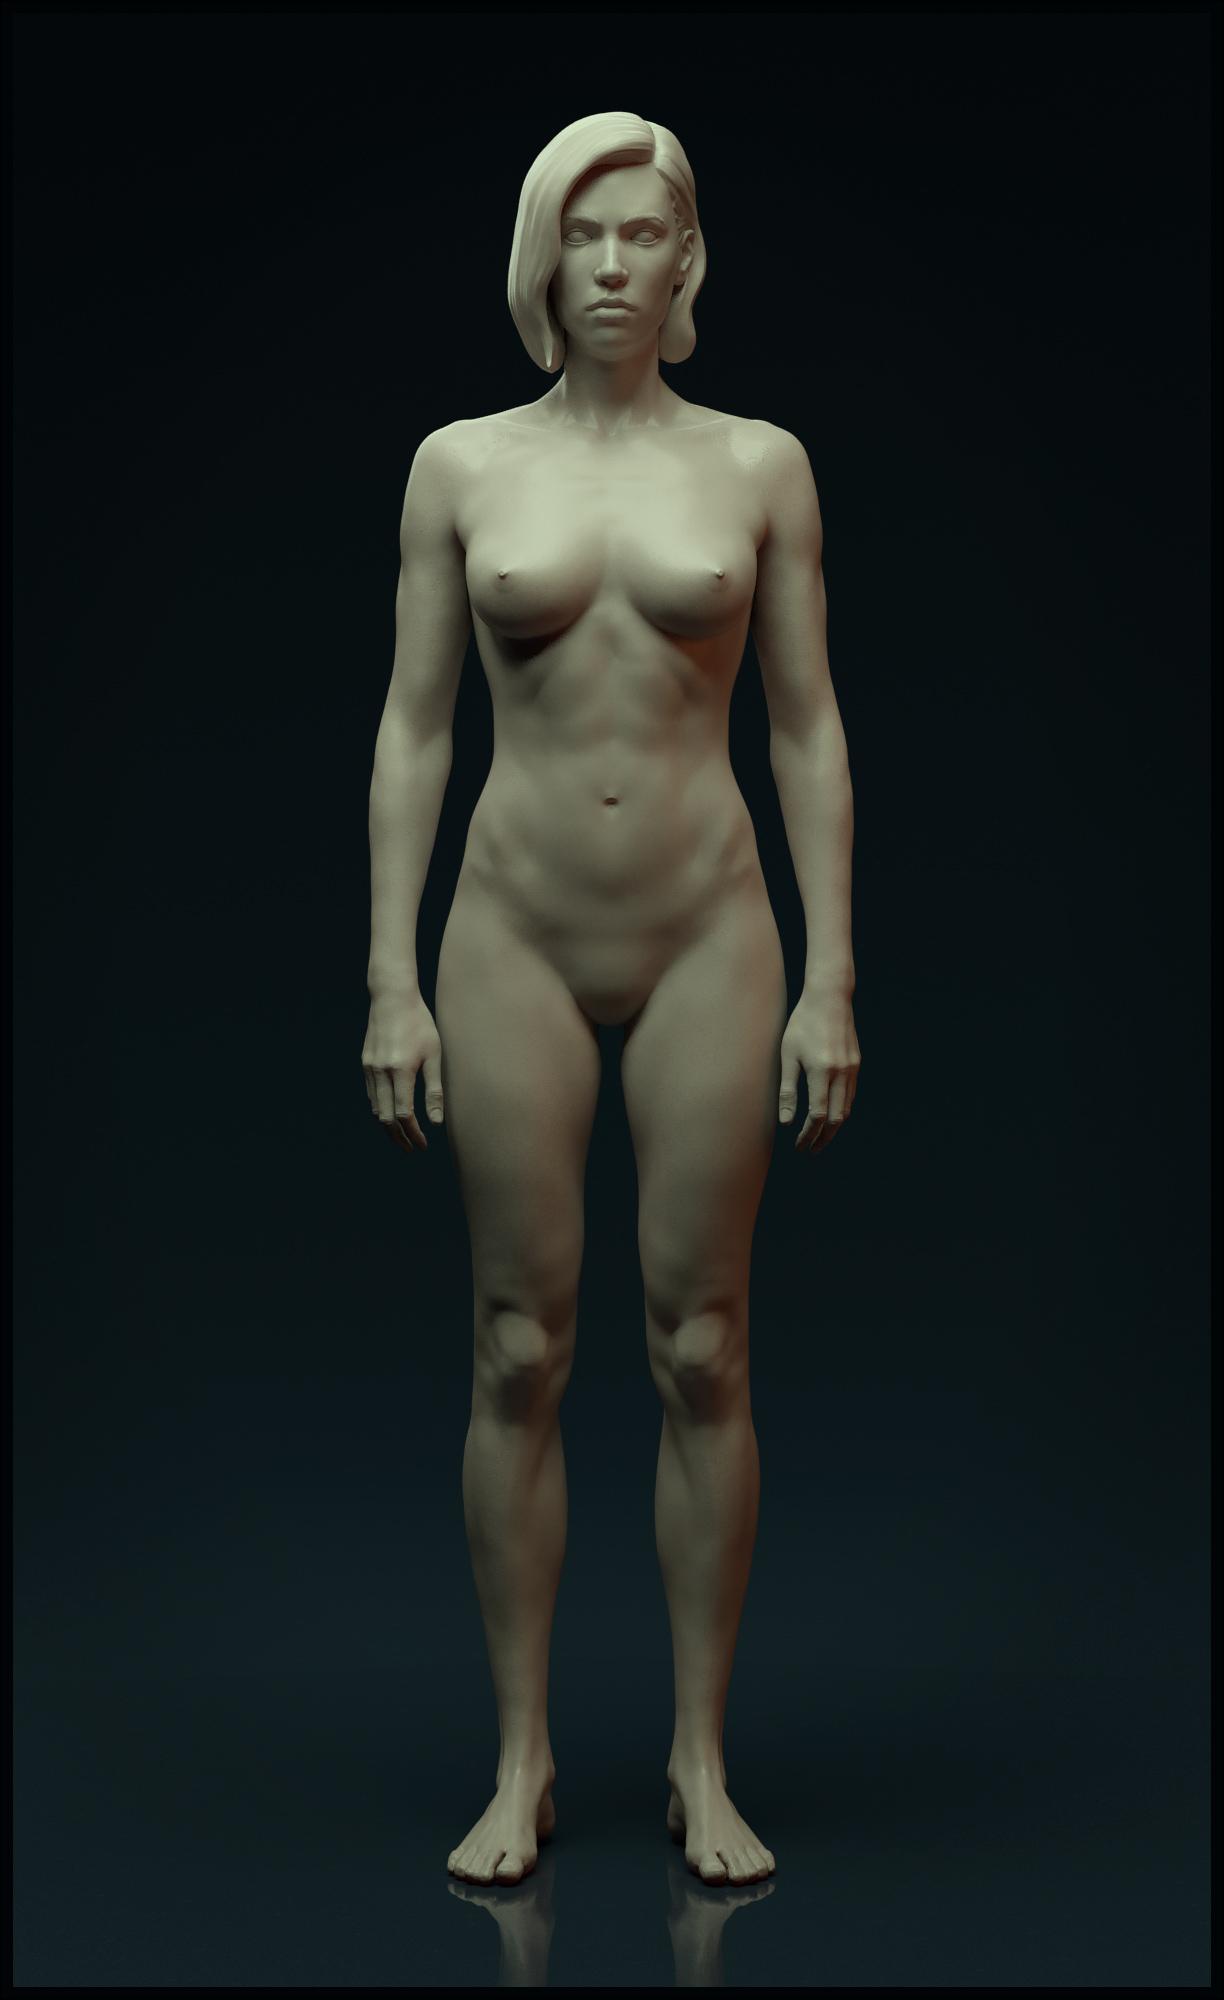 rhianna s naked photos